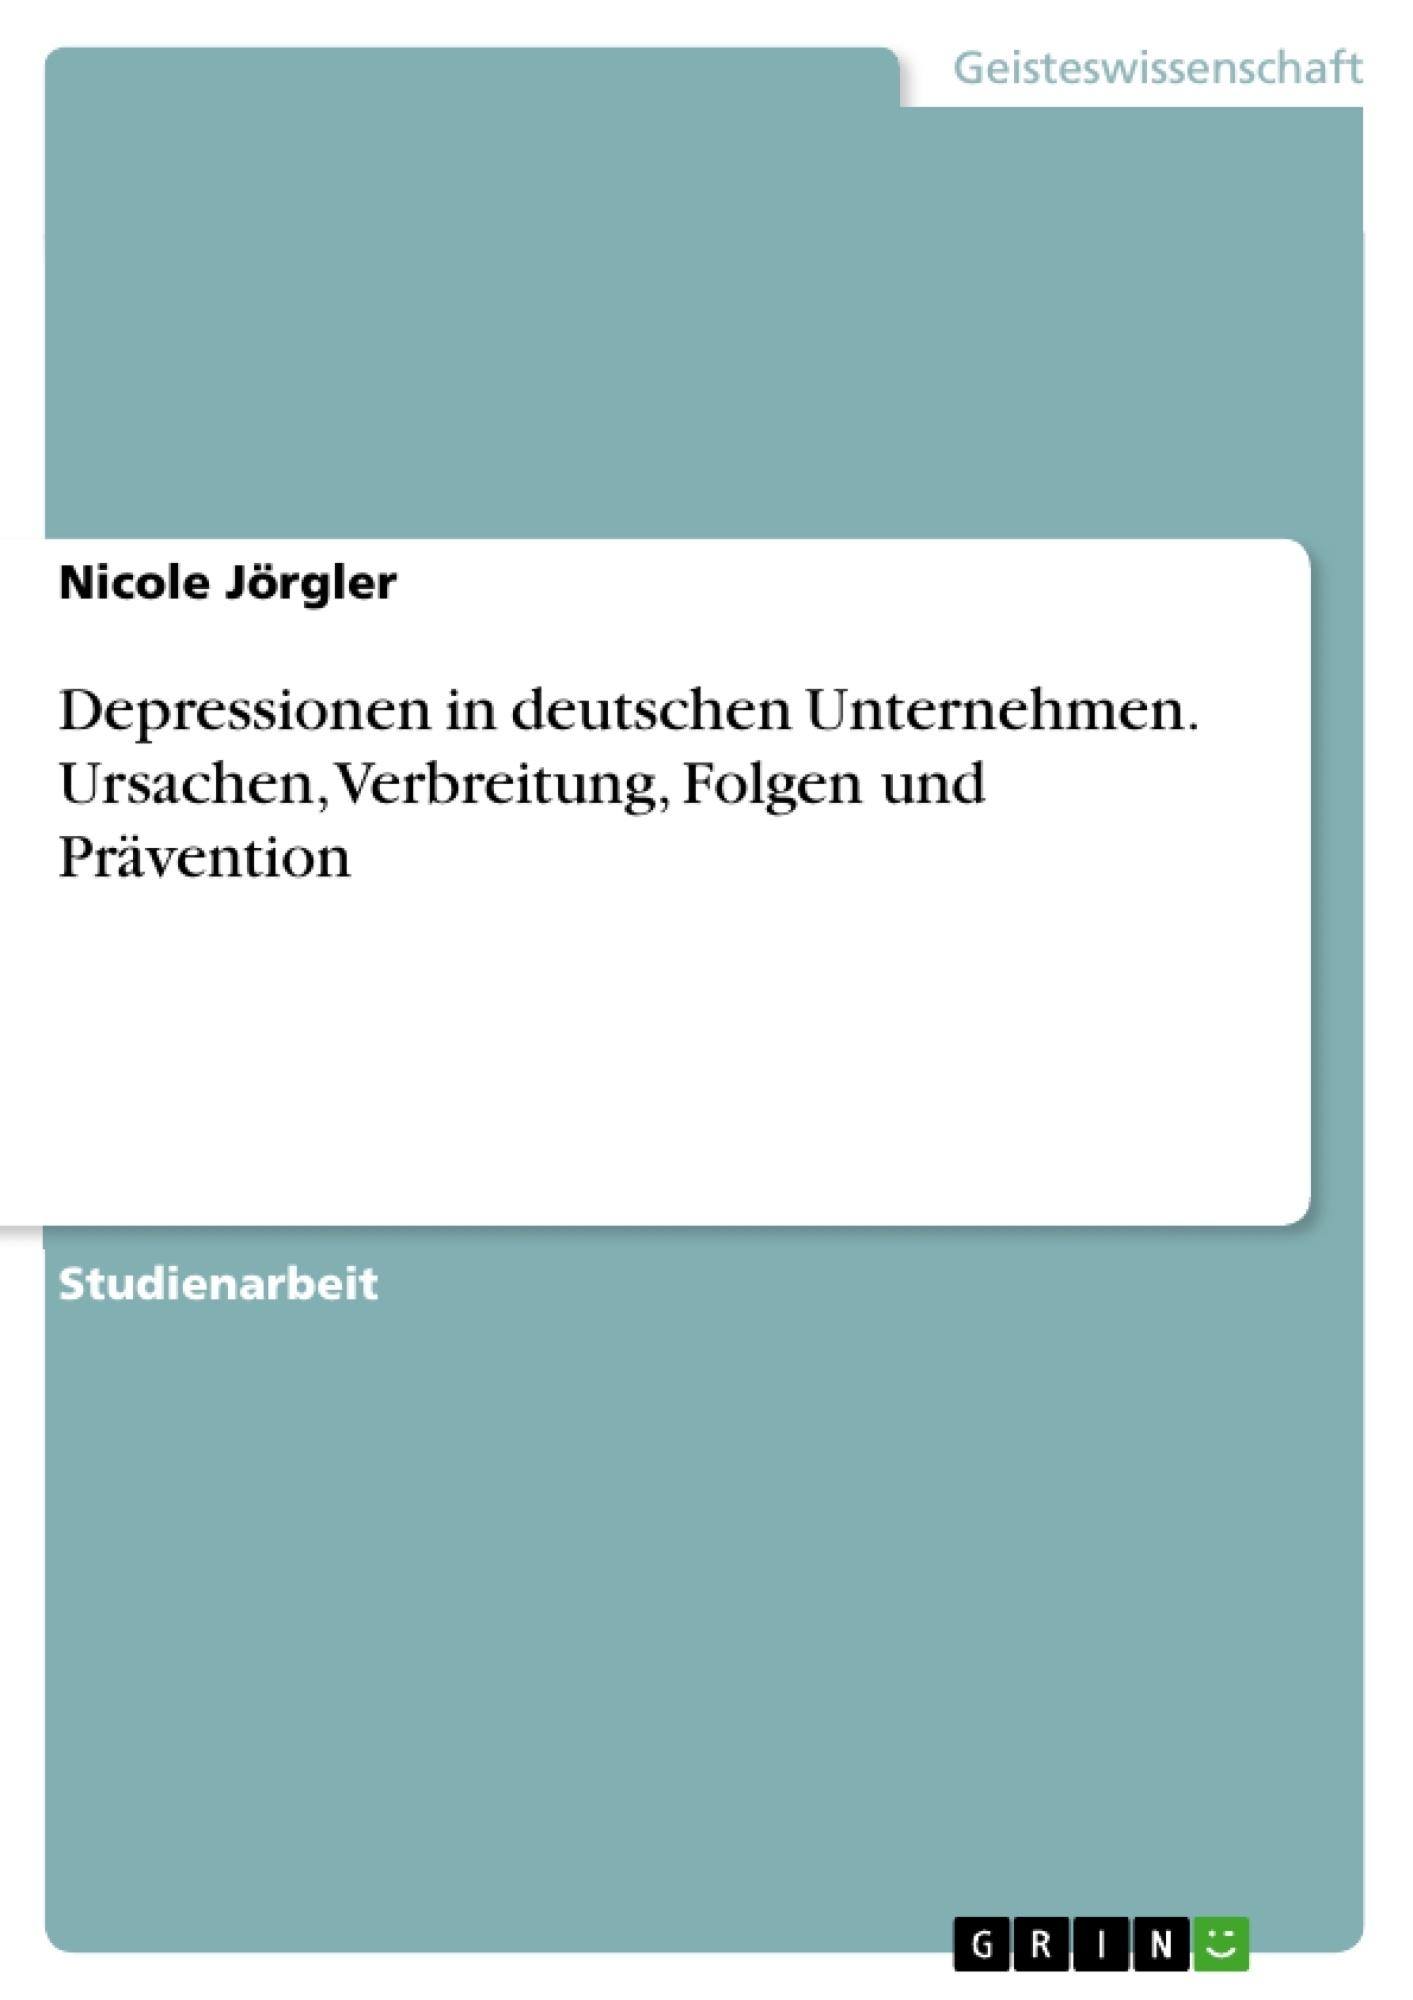 Titel: Depressionen in deutschen Unternehmen. Ursachen, Verbreitung, Folgen und Prävention